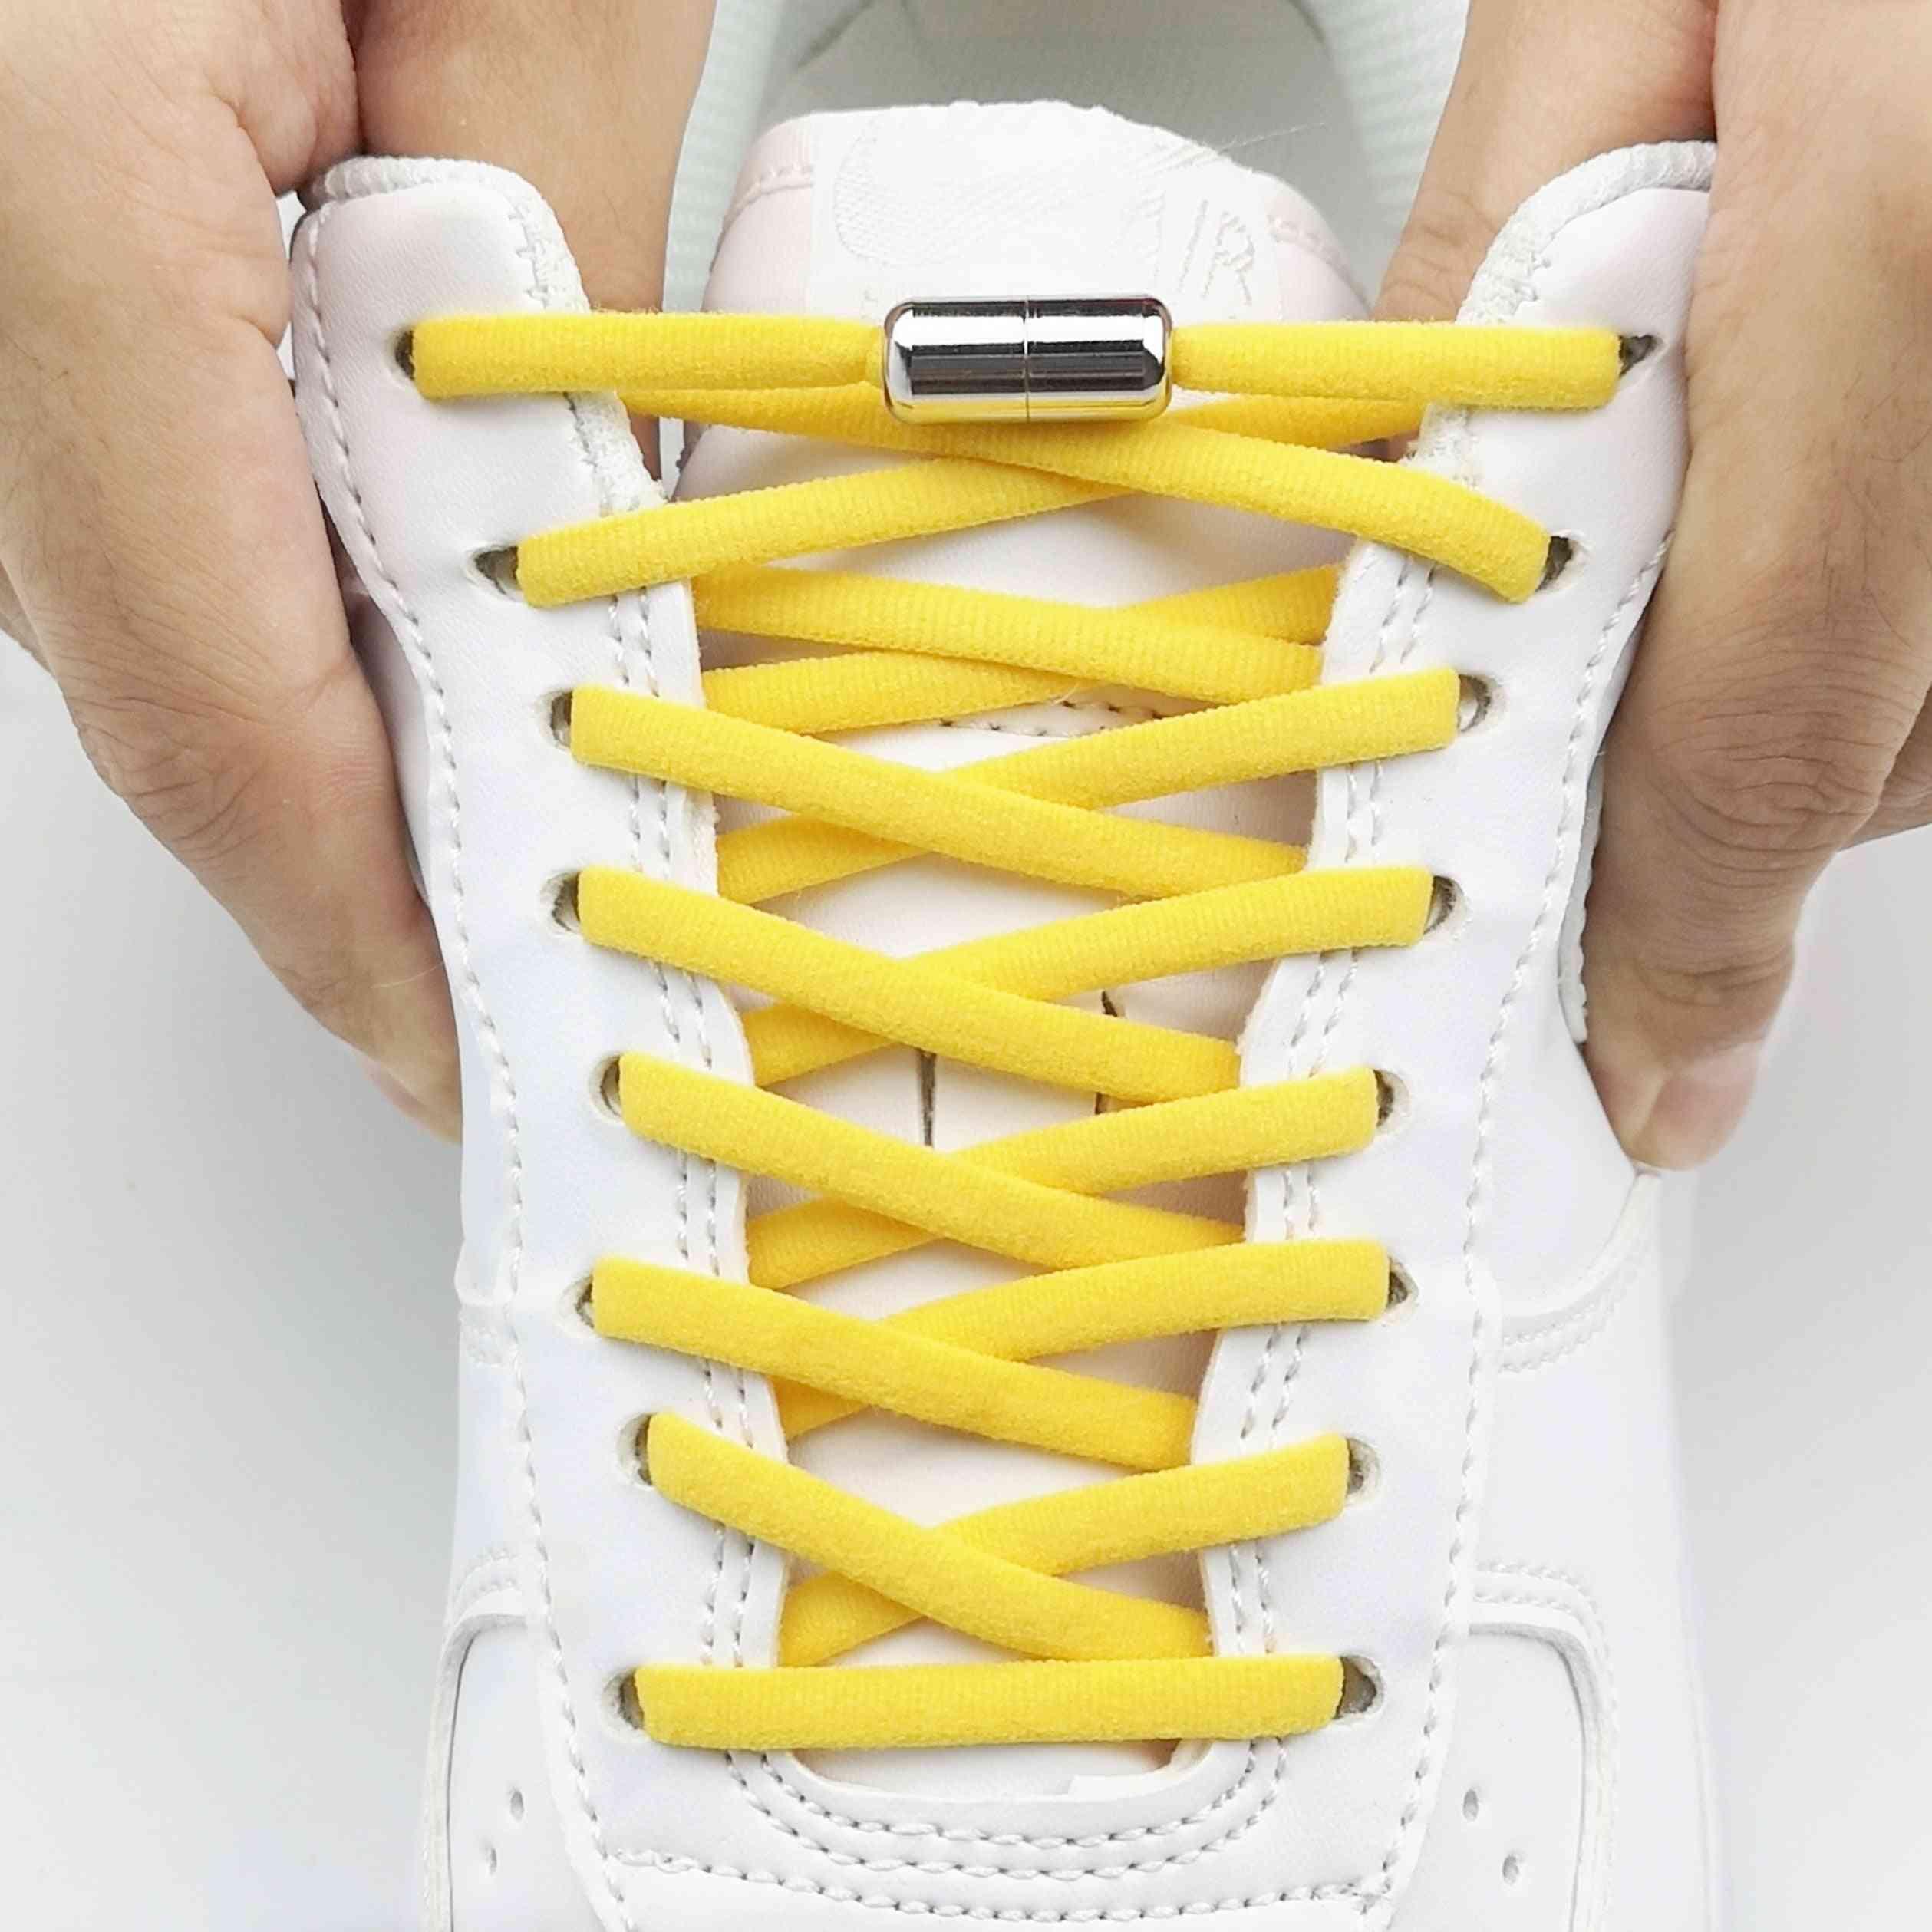 Elastic No Tie Shoelaces Metal Lock Shoe Laces Adult Women Men